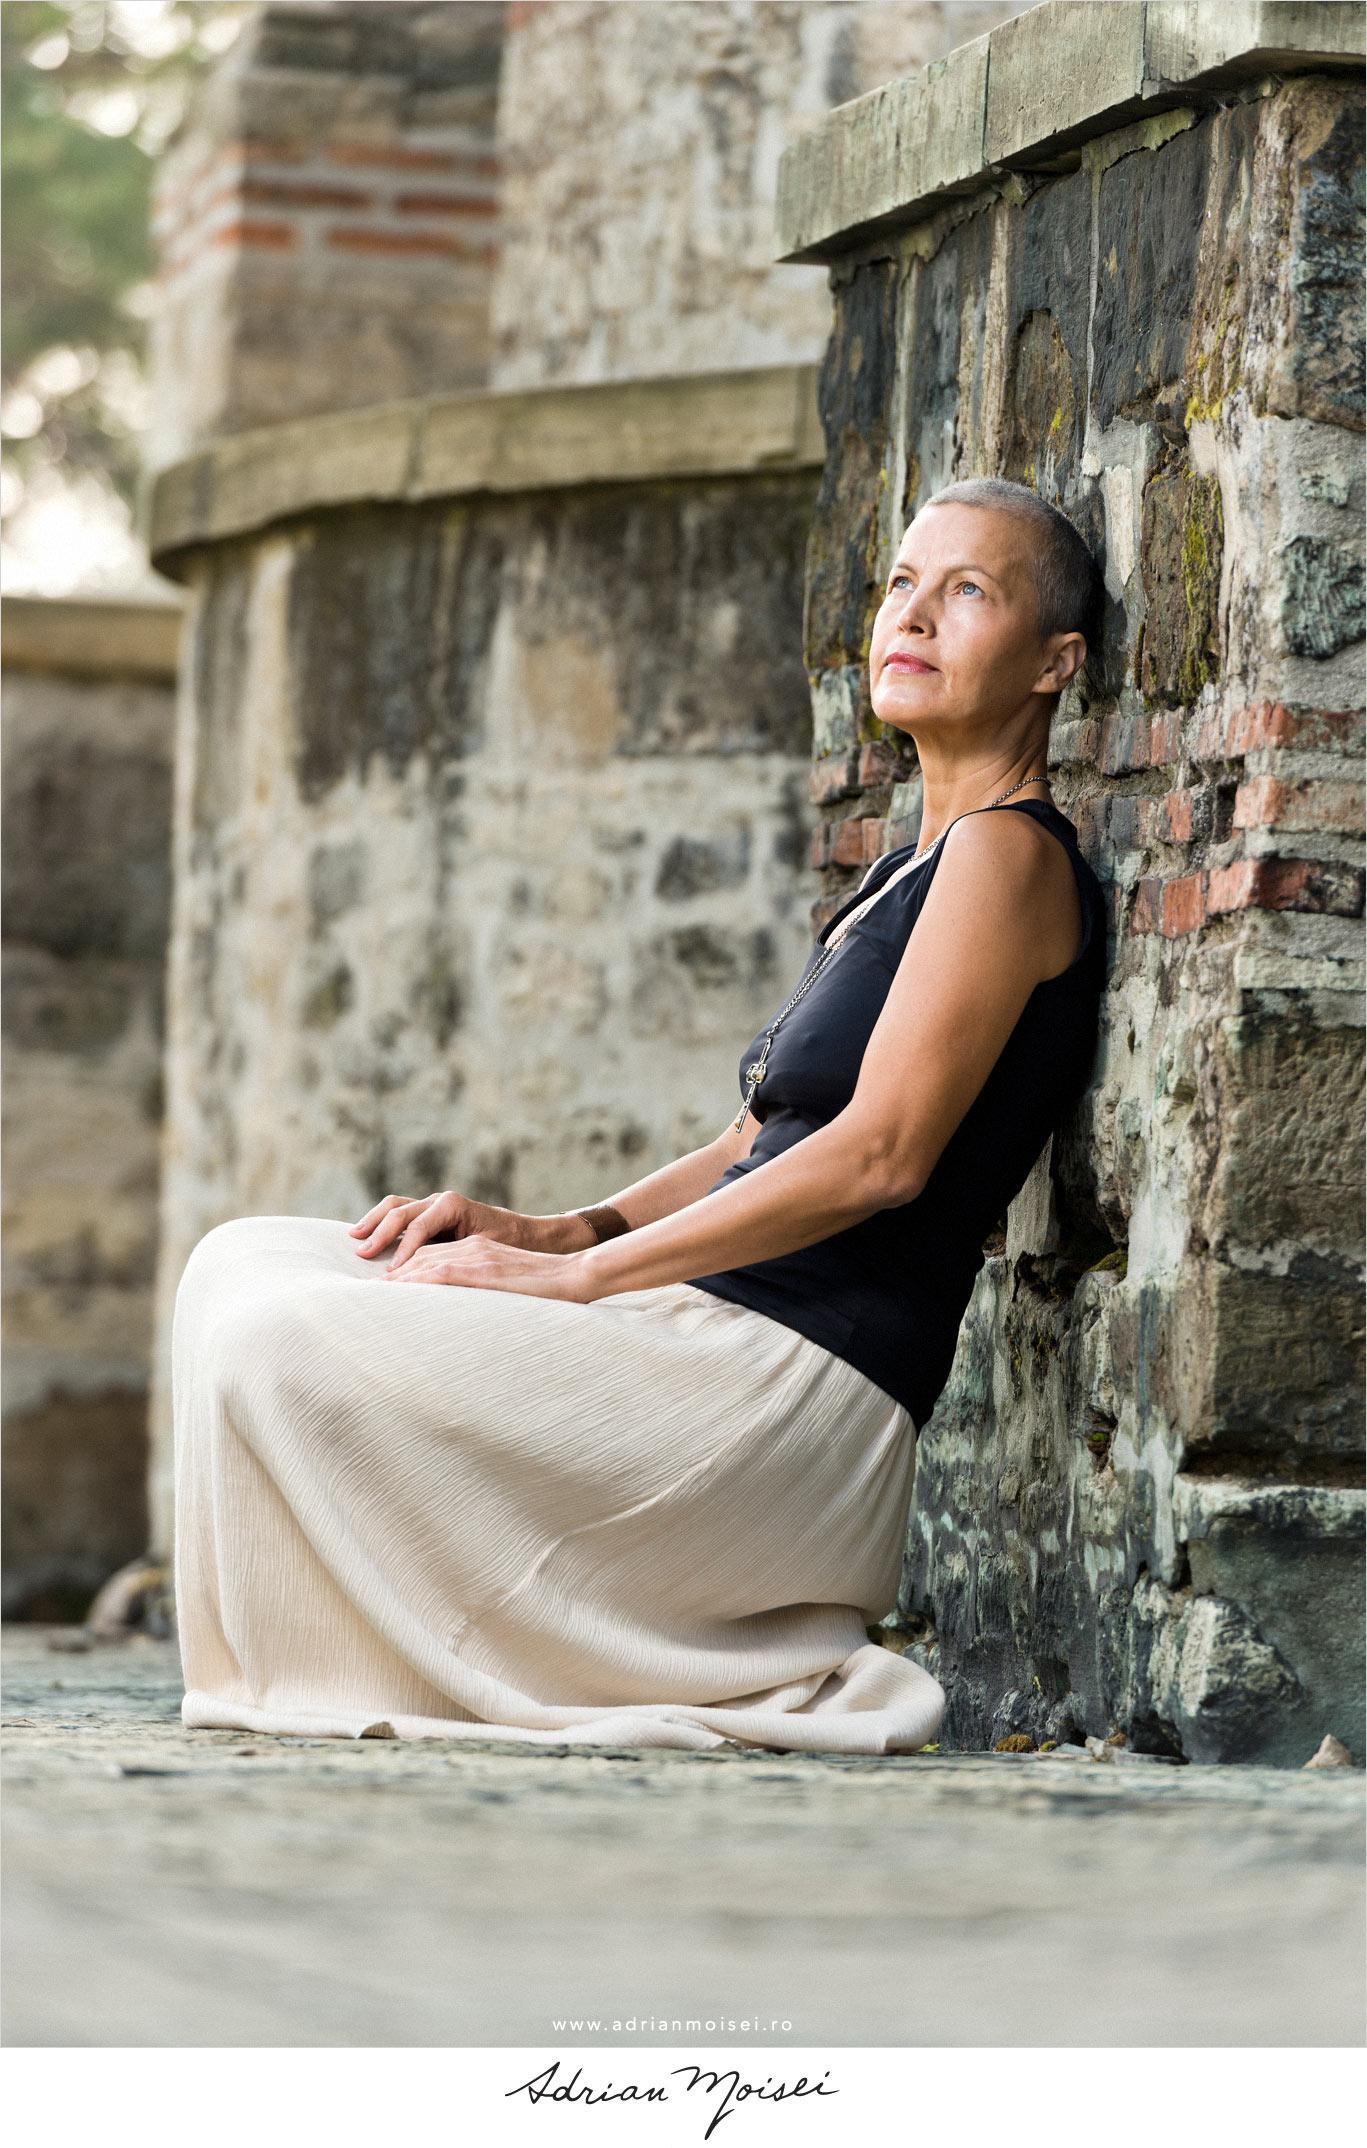 Portret de artistă la mănăstire, fotografie în natură